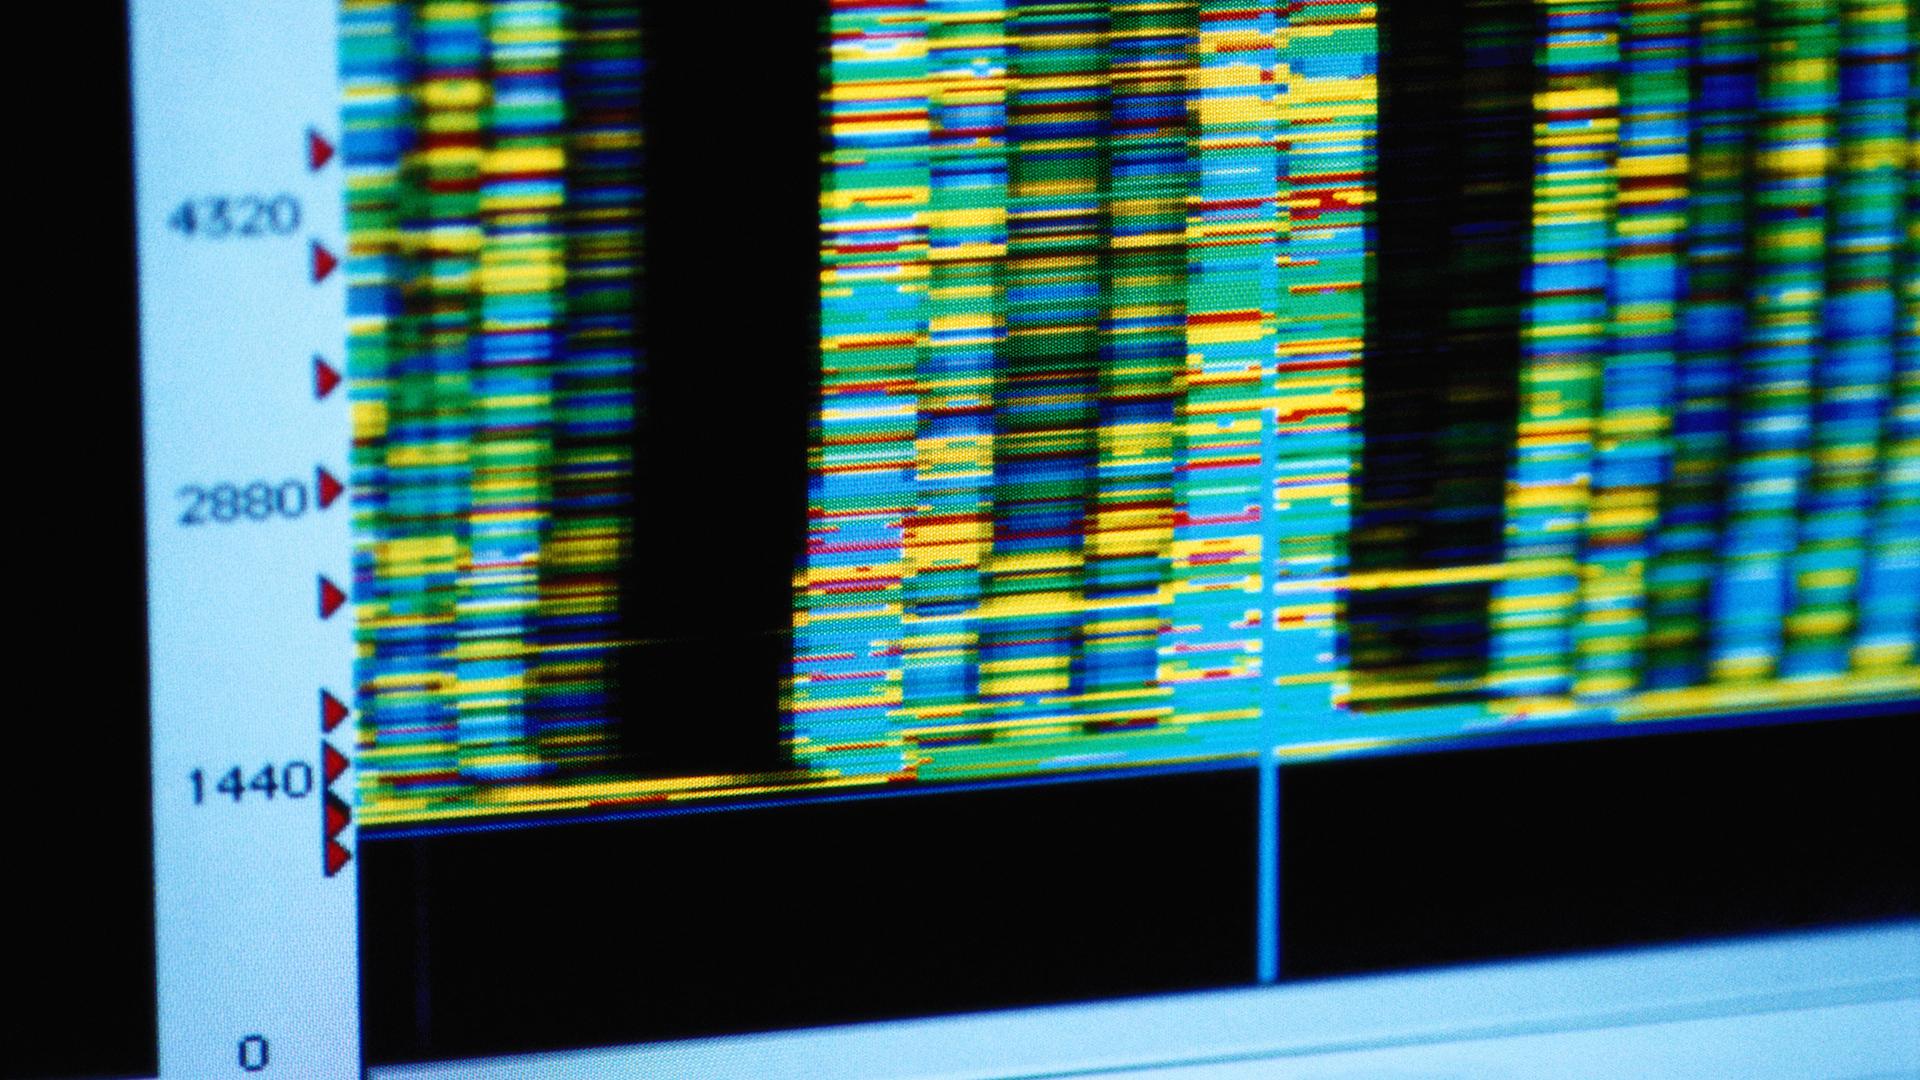 MTHFR: Understanding the ADHD-Genetics Puzzle